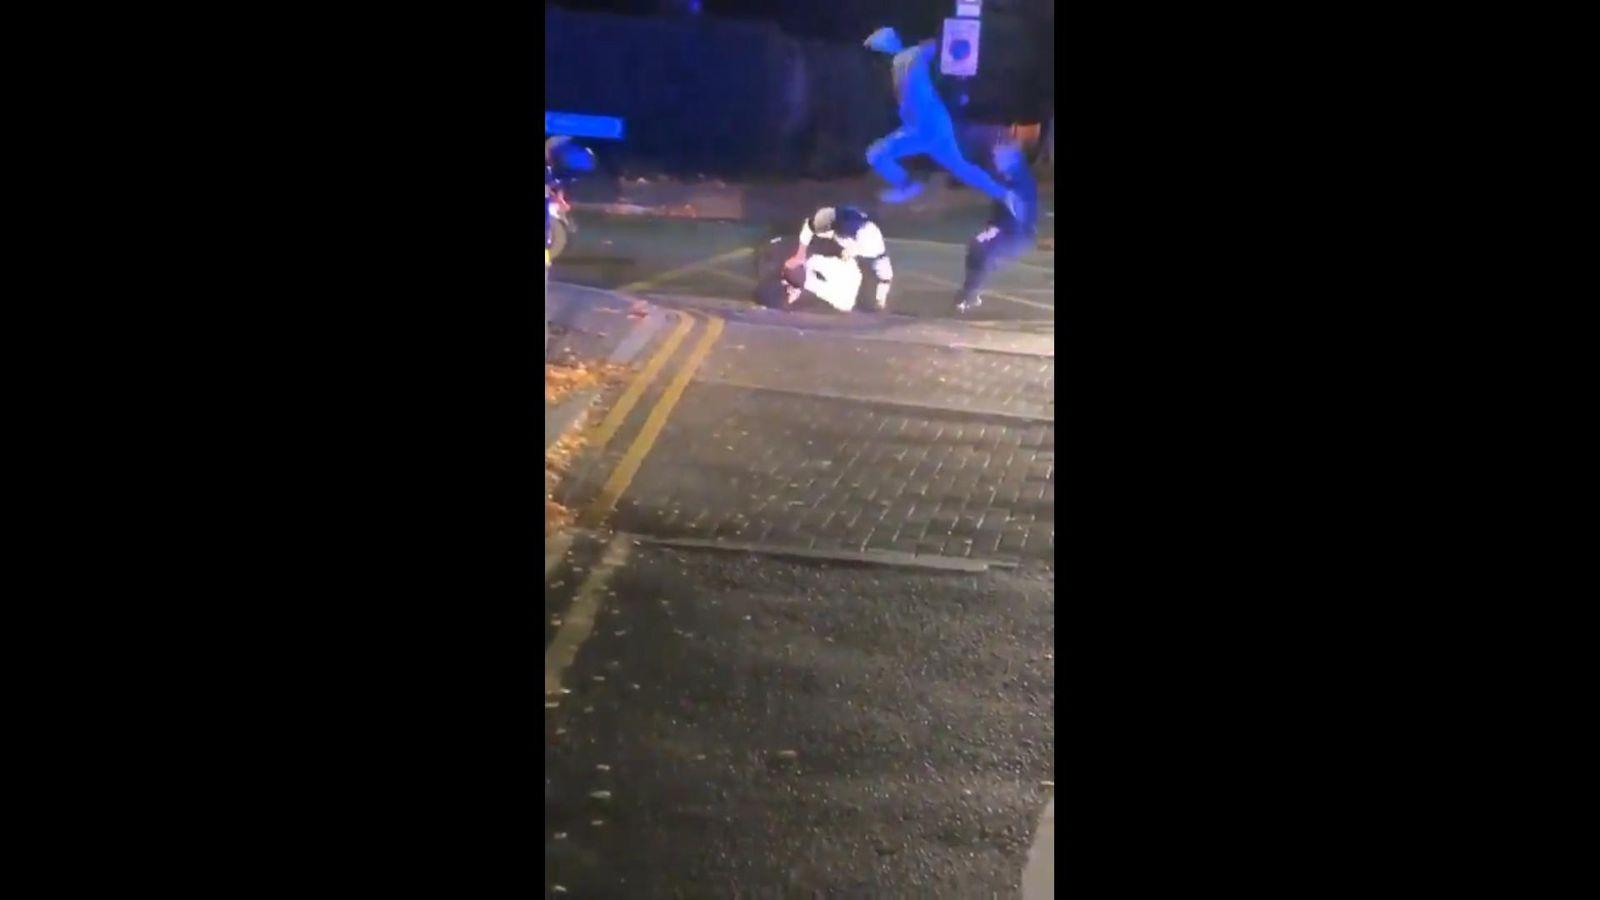 Žádost o pomoc občanům policie vznesla v souvislosti s případem, při němž nebezpečný pachatel karate kopem poranil policistku. Foto: Sky News.